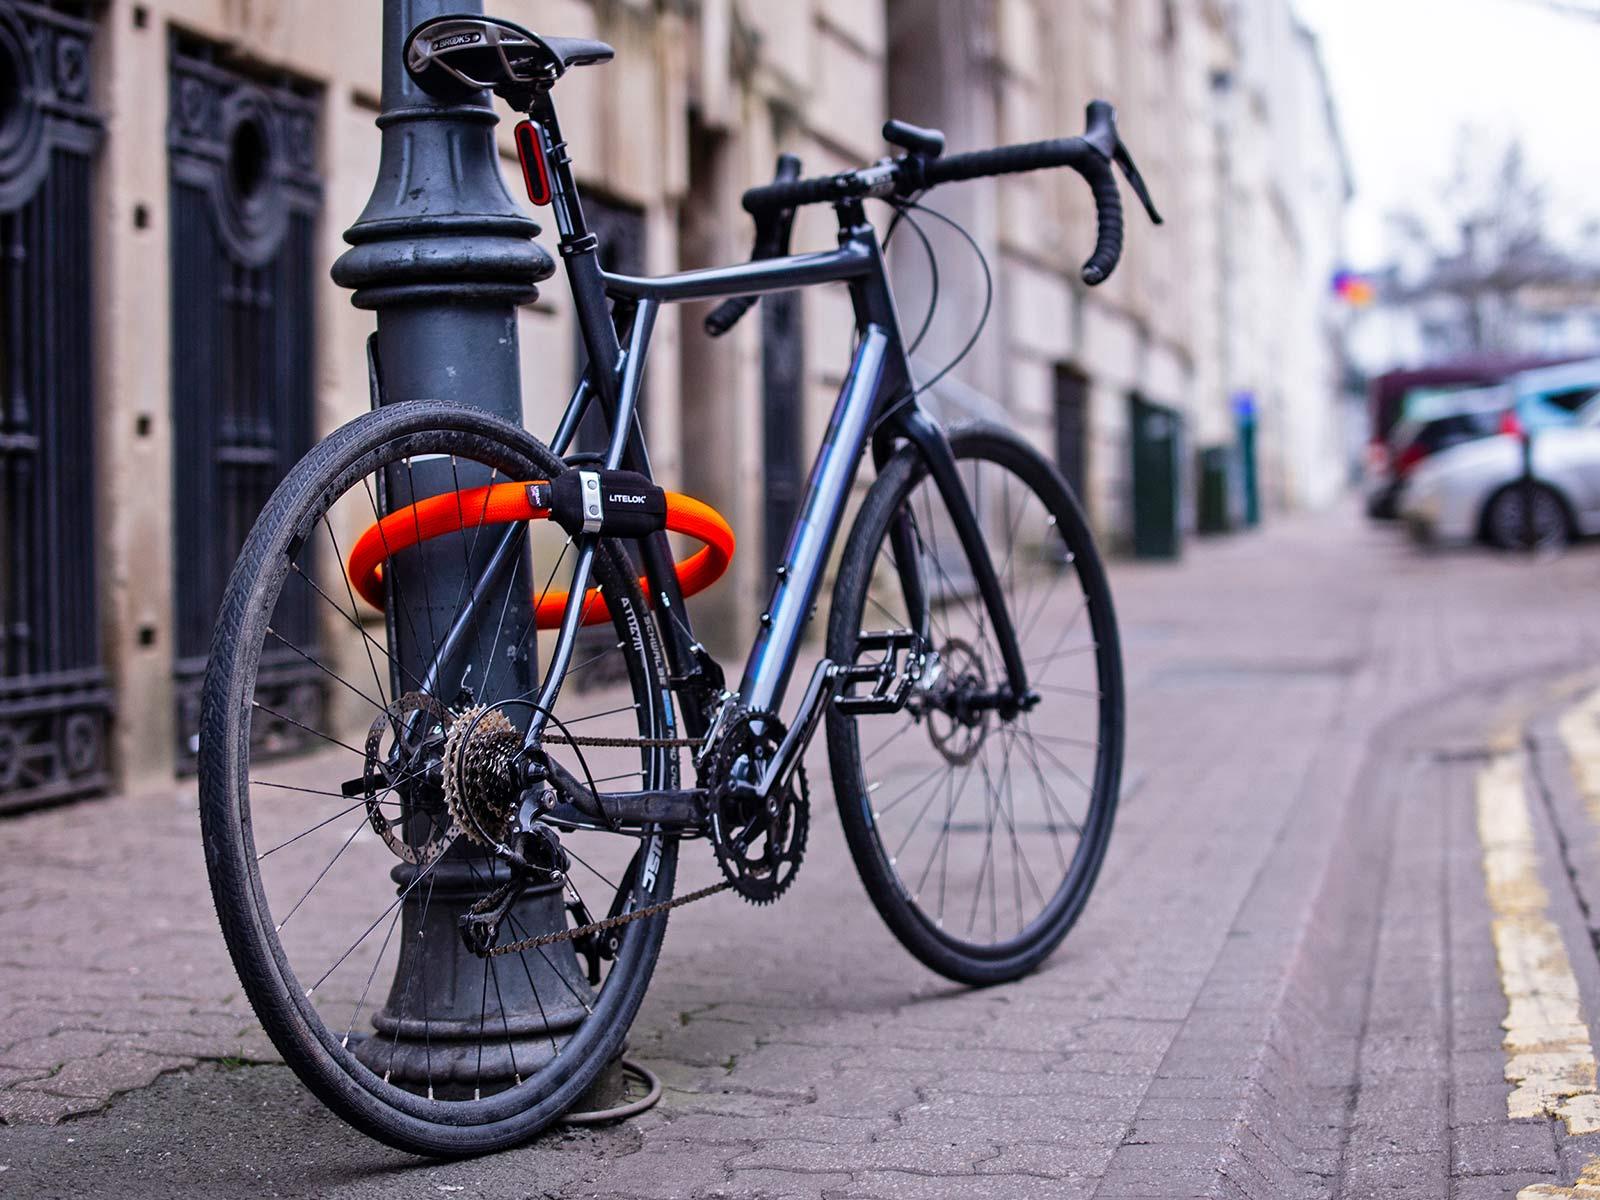 Litelok Core lightweight flexible wearable Sold Secure Bicycle Diamond city bike lock,locked